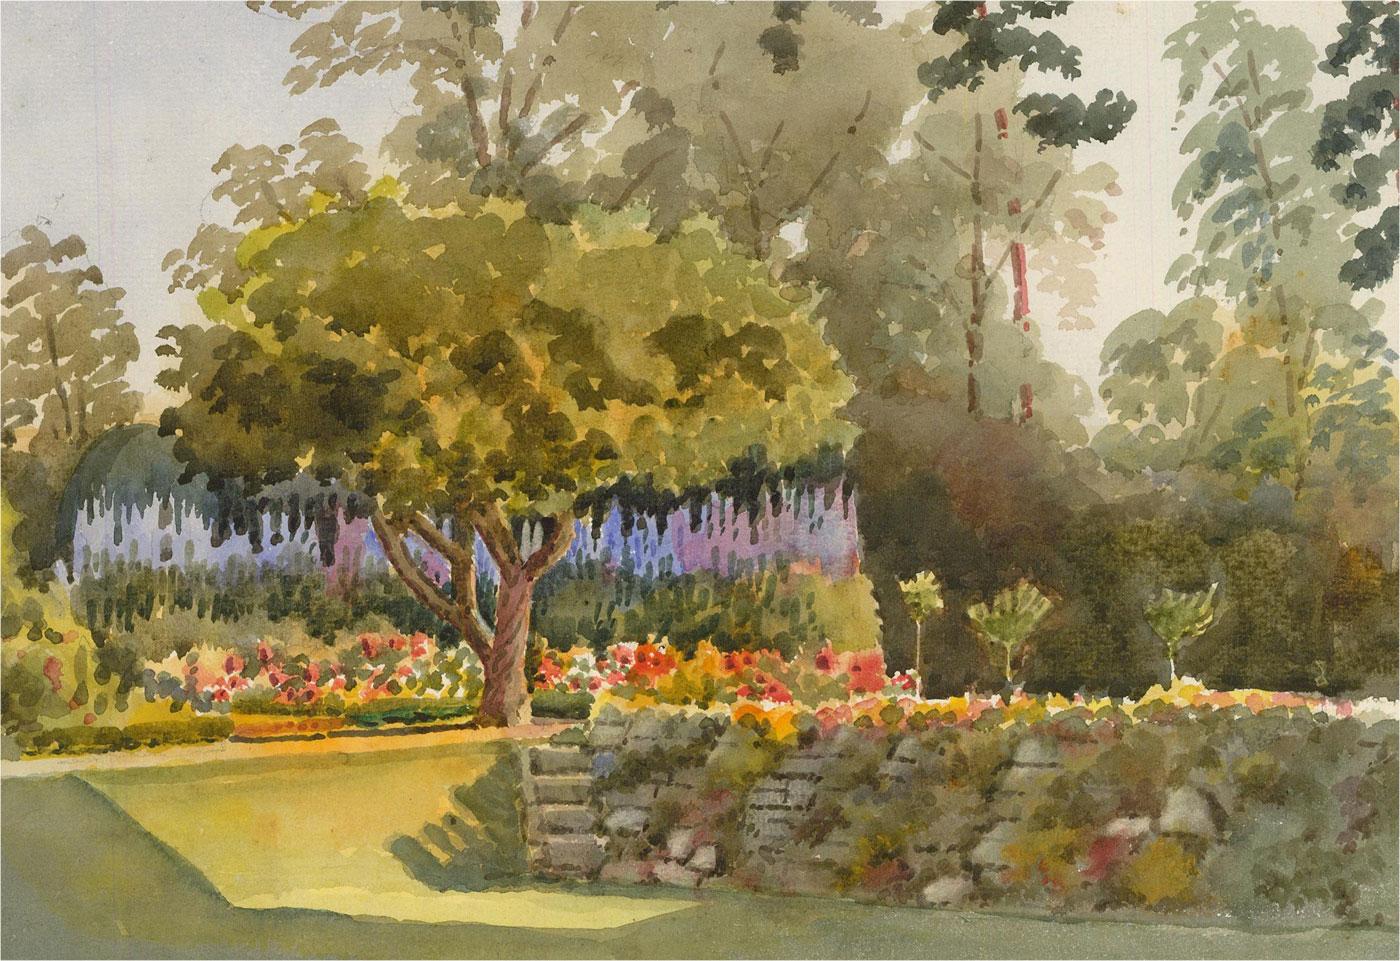 Raymond Turner Barker (1872-1945) - Watercolour, Sunlit Garden